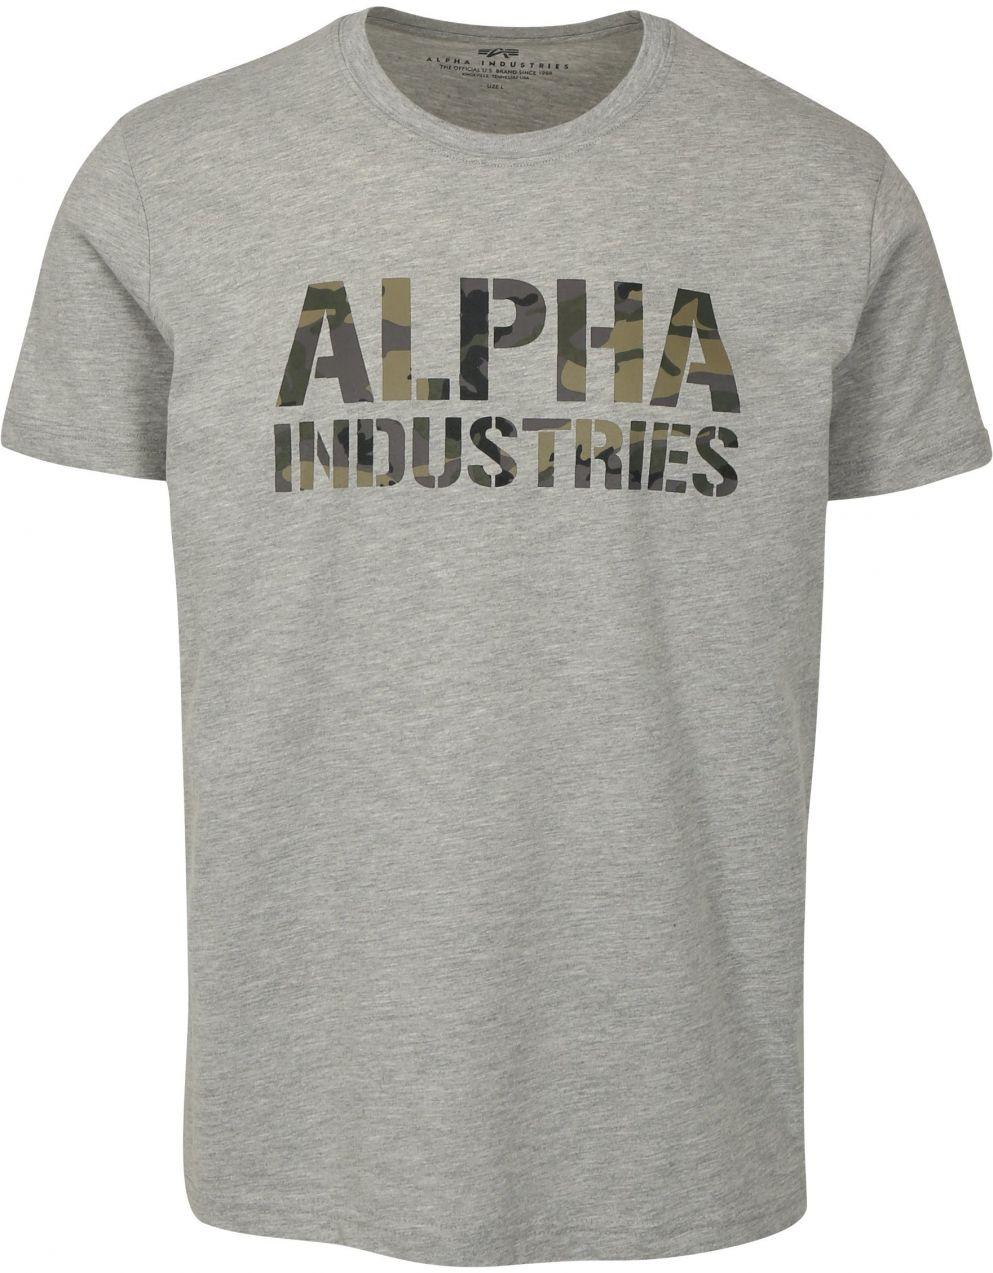 000ccb4c7a74 Sivé pánske tričko s potlačou ALPHA INDUSTRIES značky Alpha Industries -  Lovely.sk